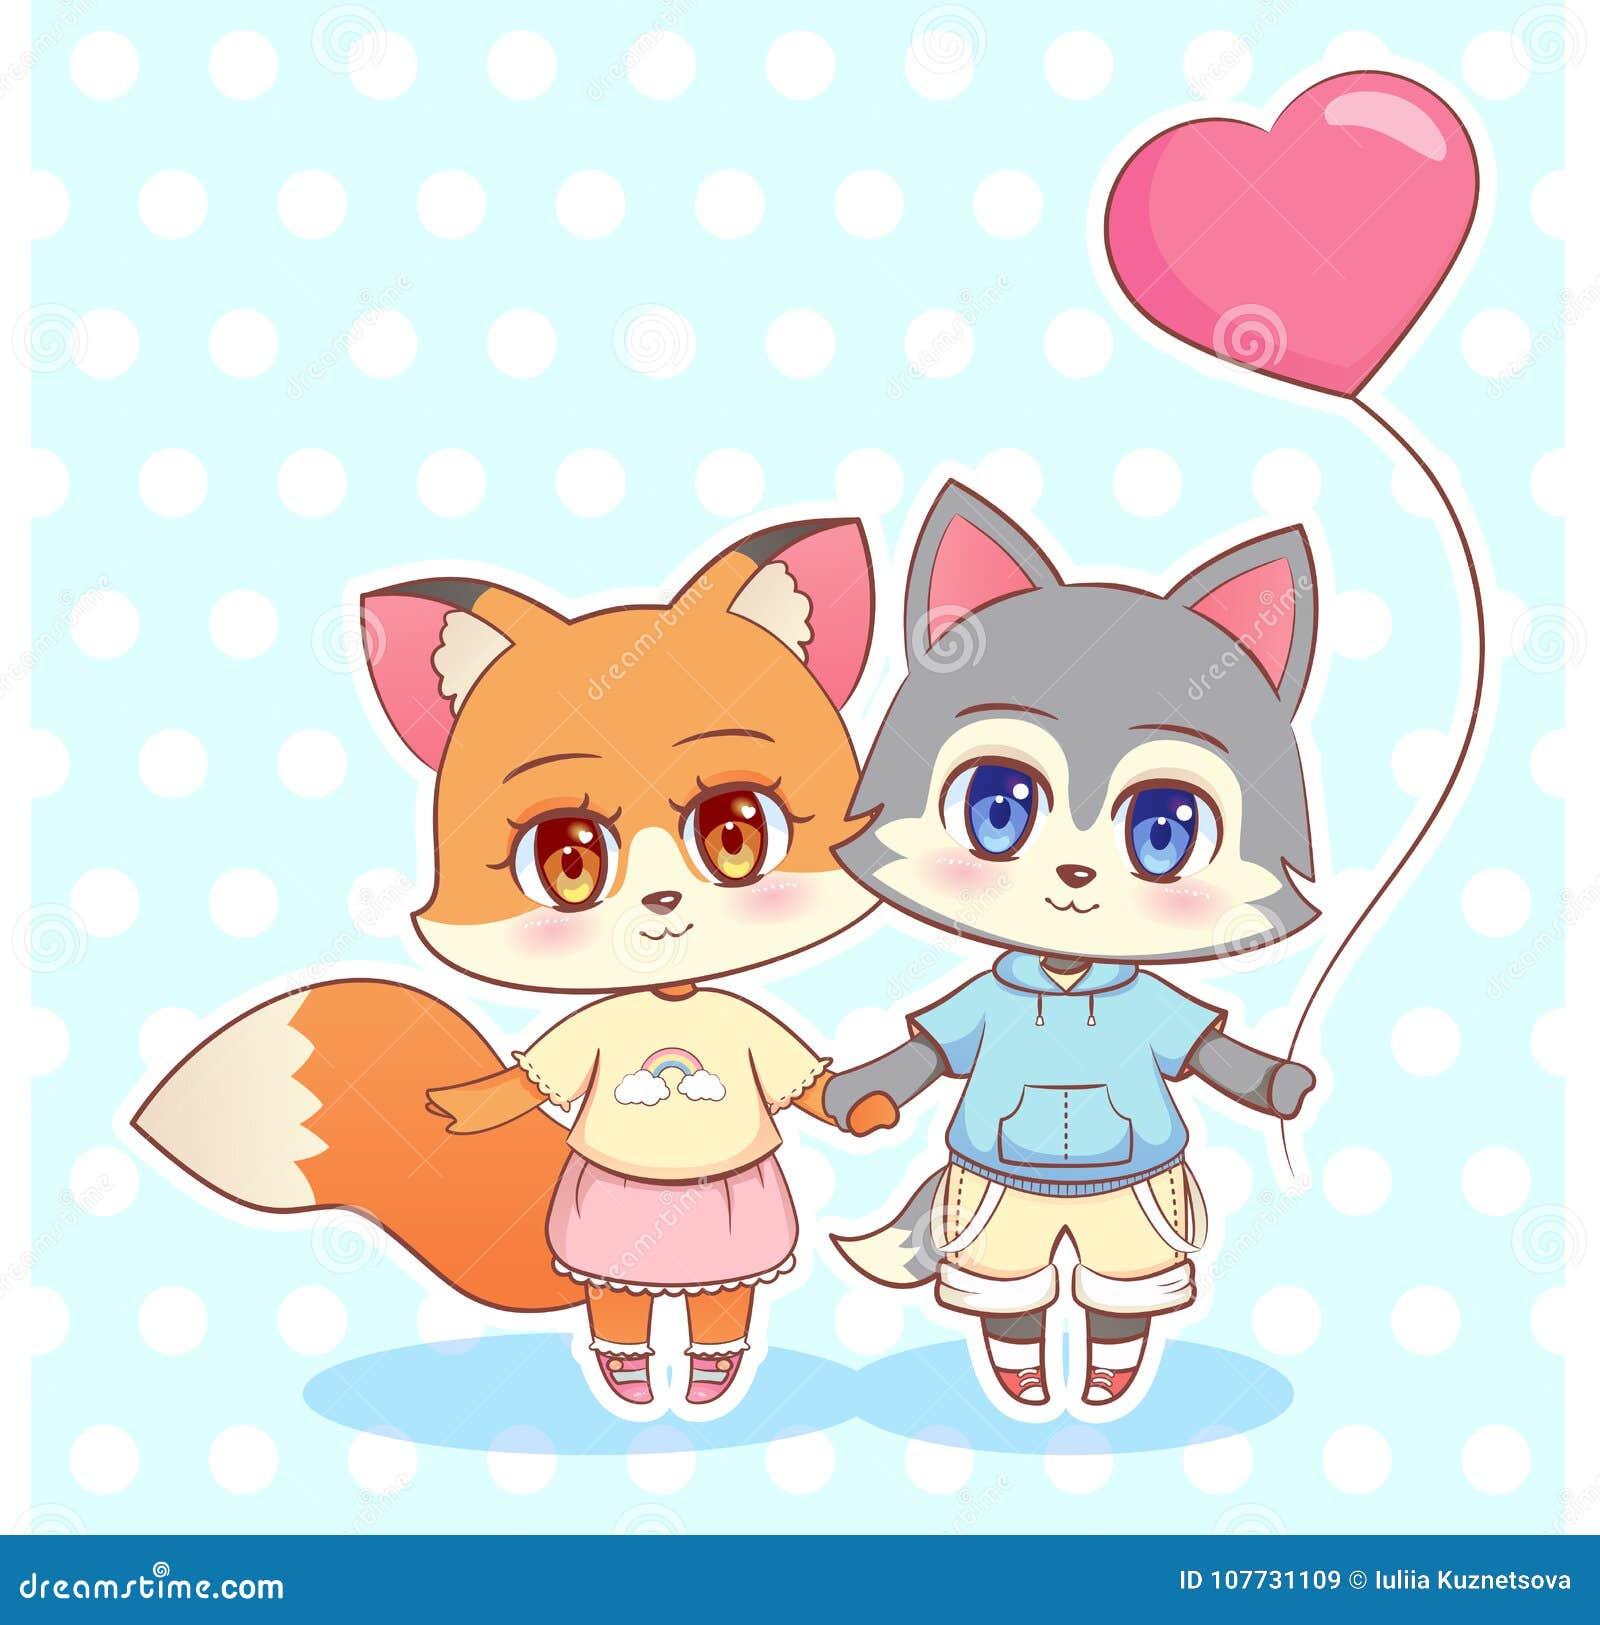 small naked fox girl anime